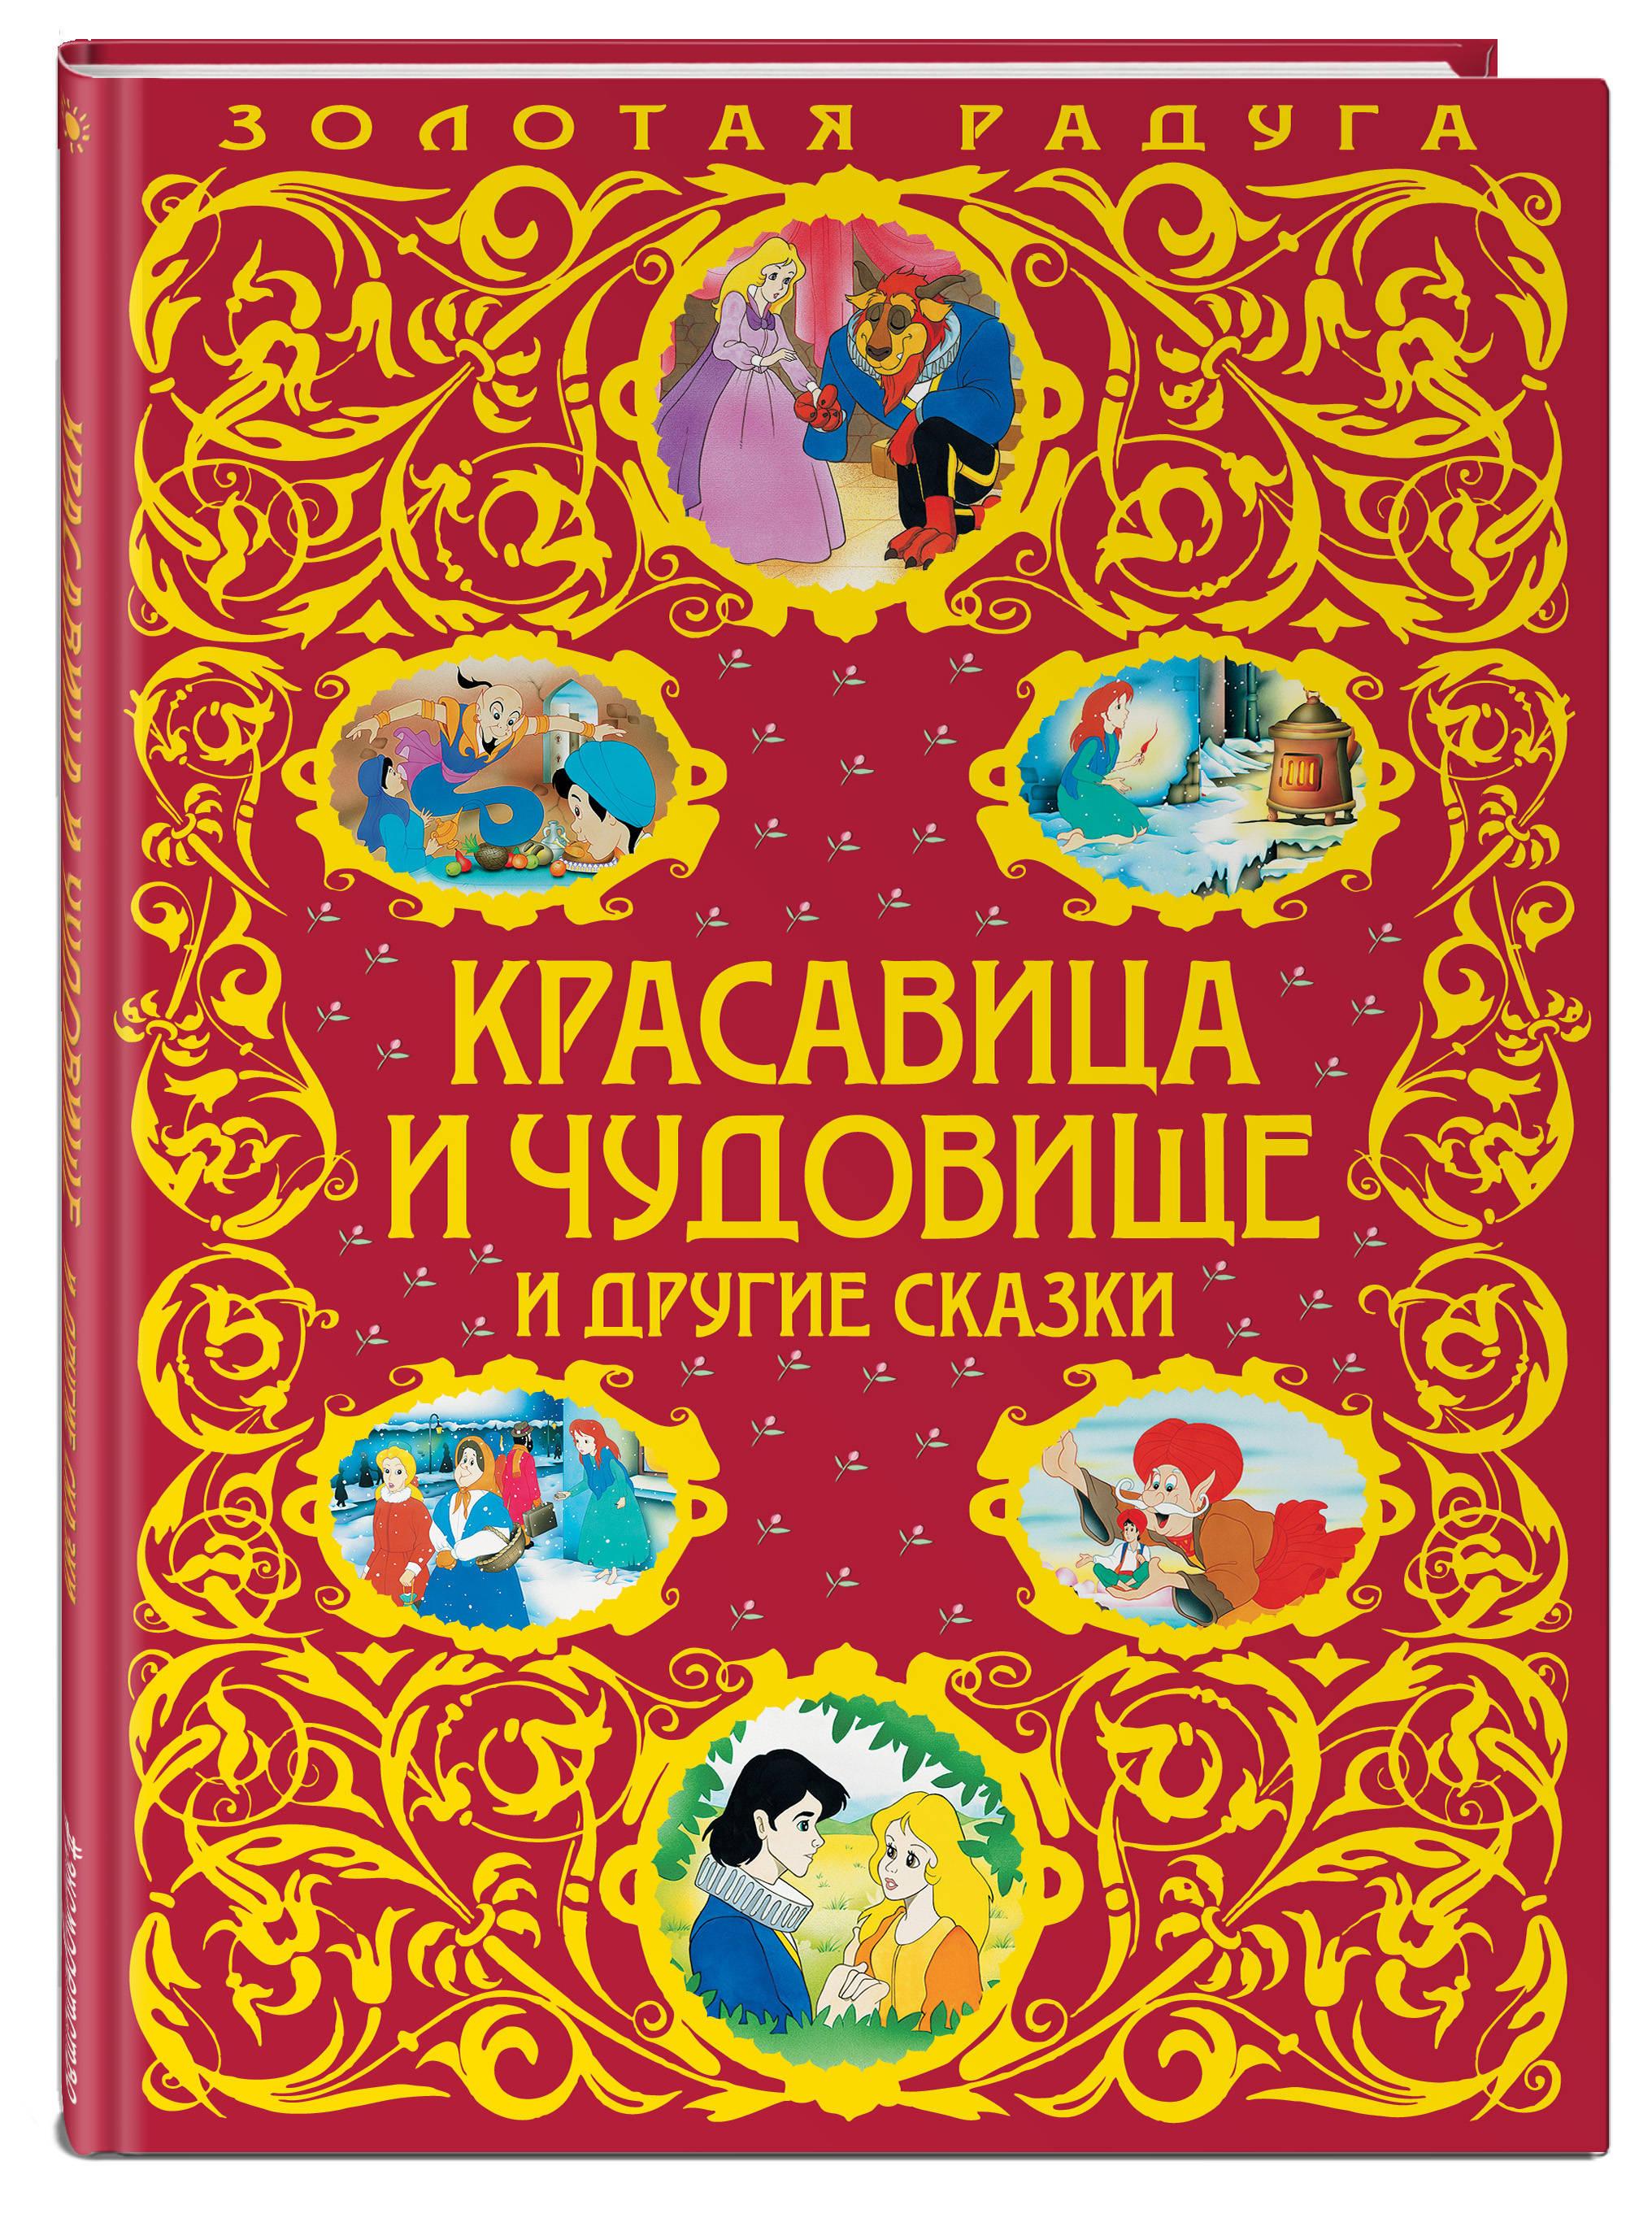 Красавица и Чудовище и другие сказки_ красавица и чудовище dvd книга